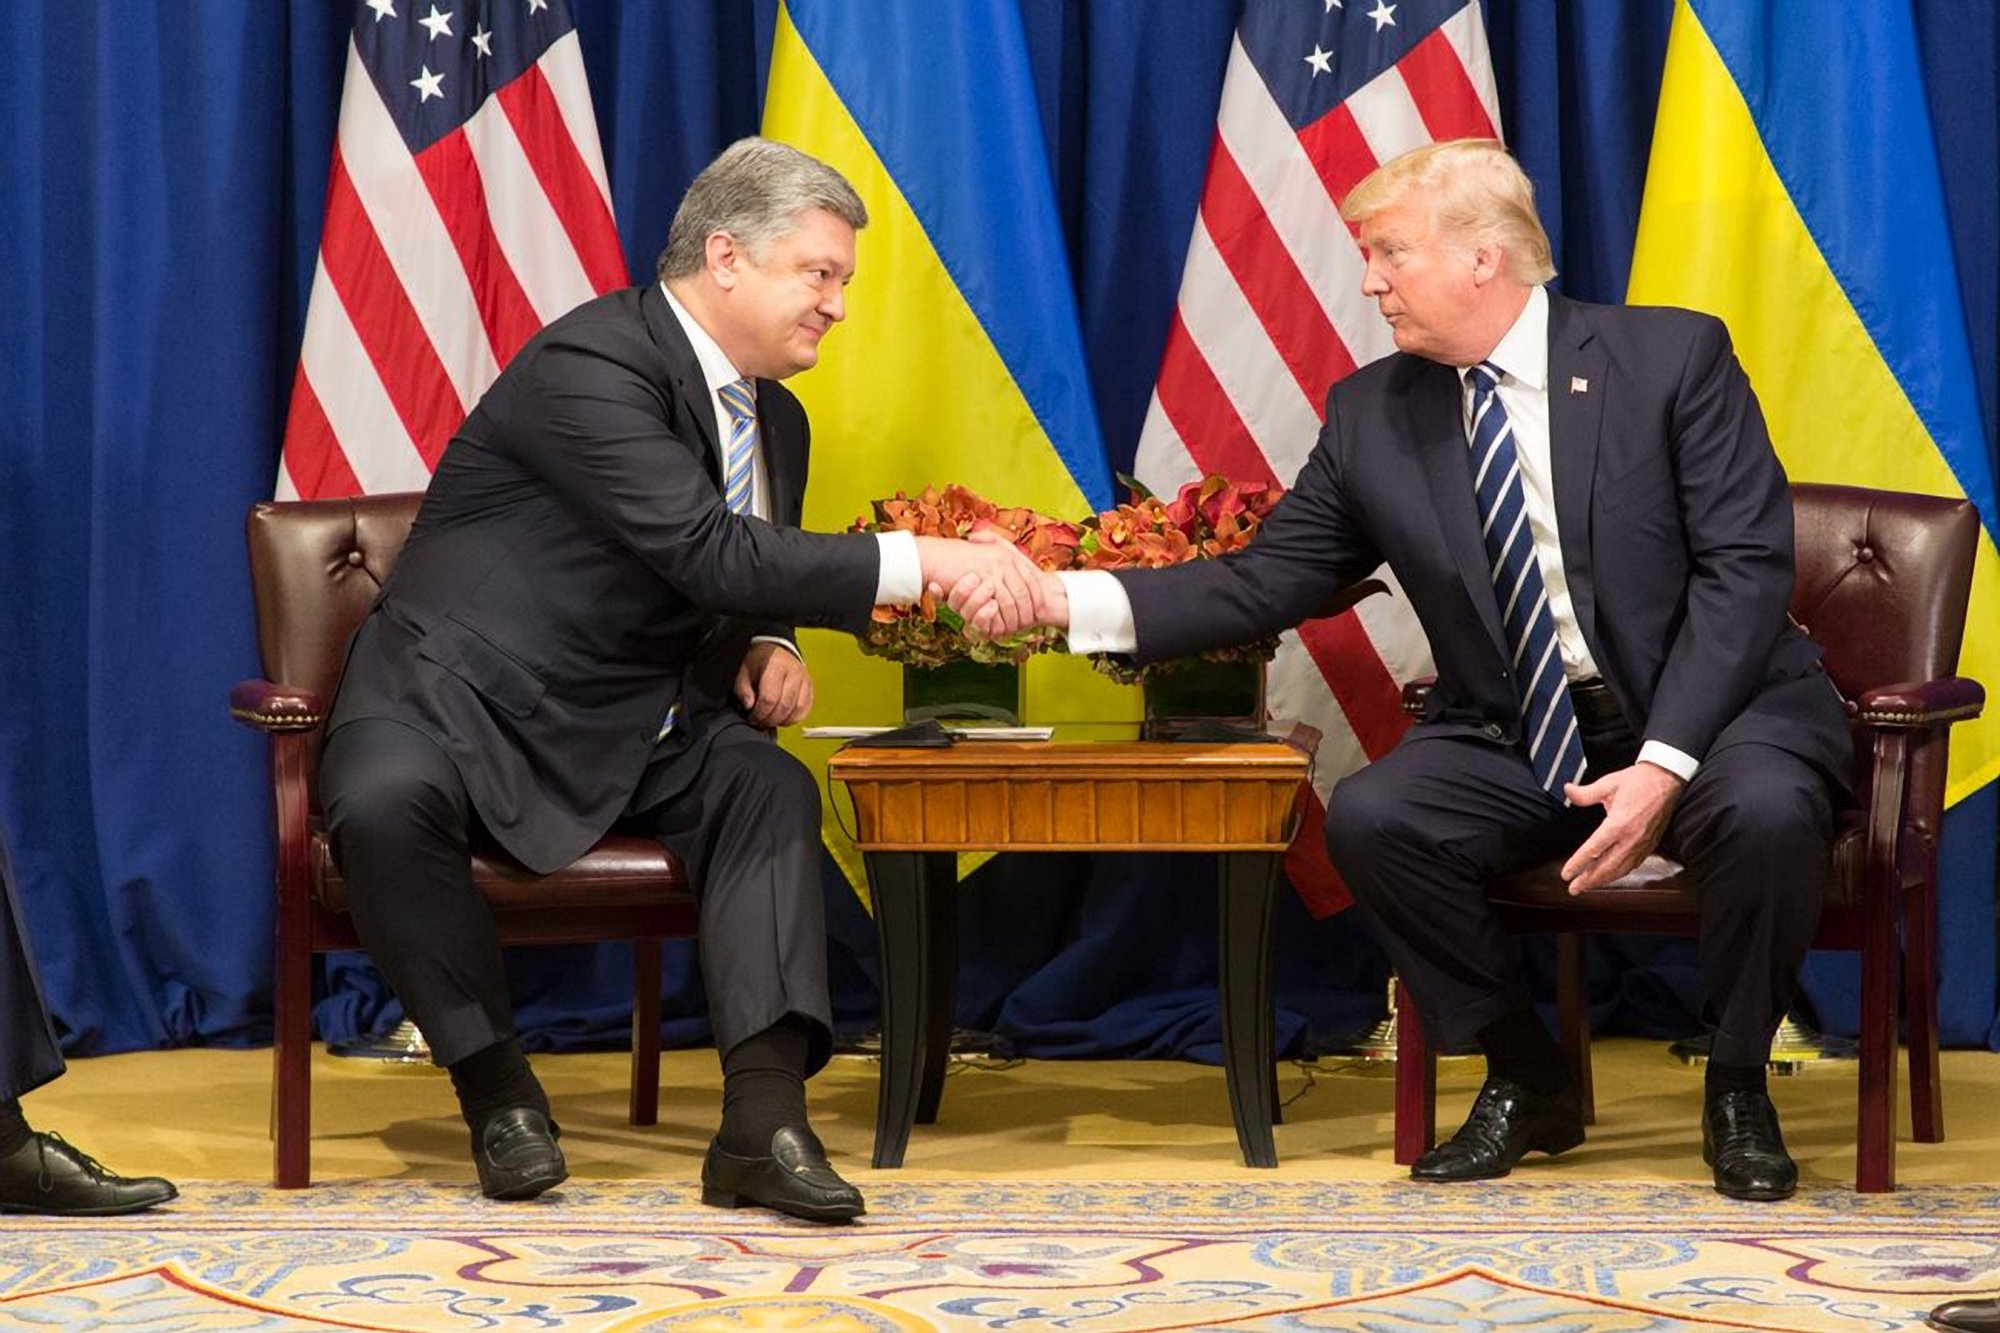 Порошенко поведал, для чего Украине американское смертоносное оружие